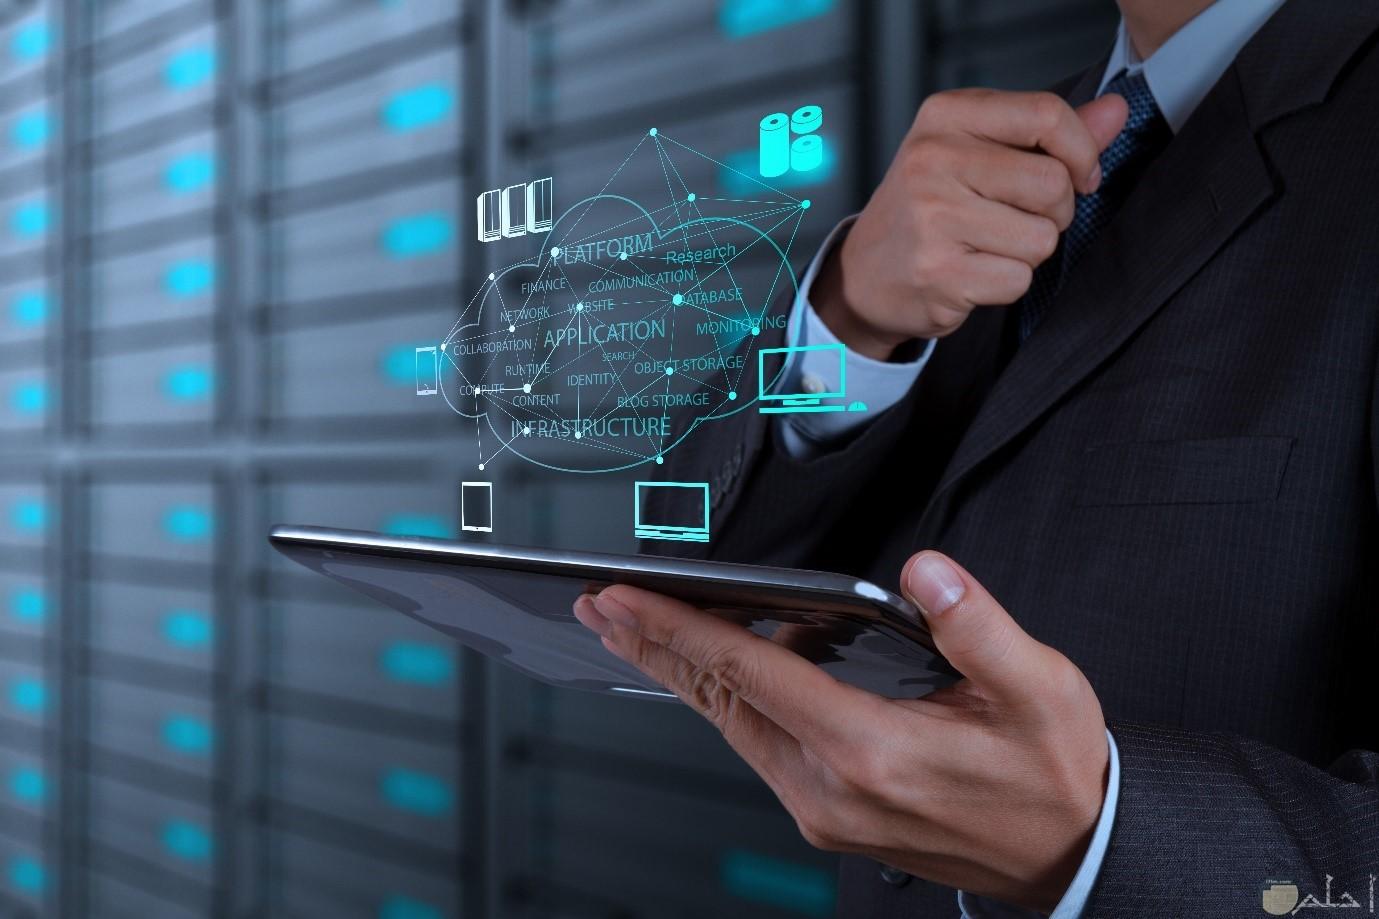 صورة تكنولوجيا لشخص يحمل جهاز تابلت متطور